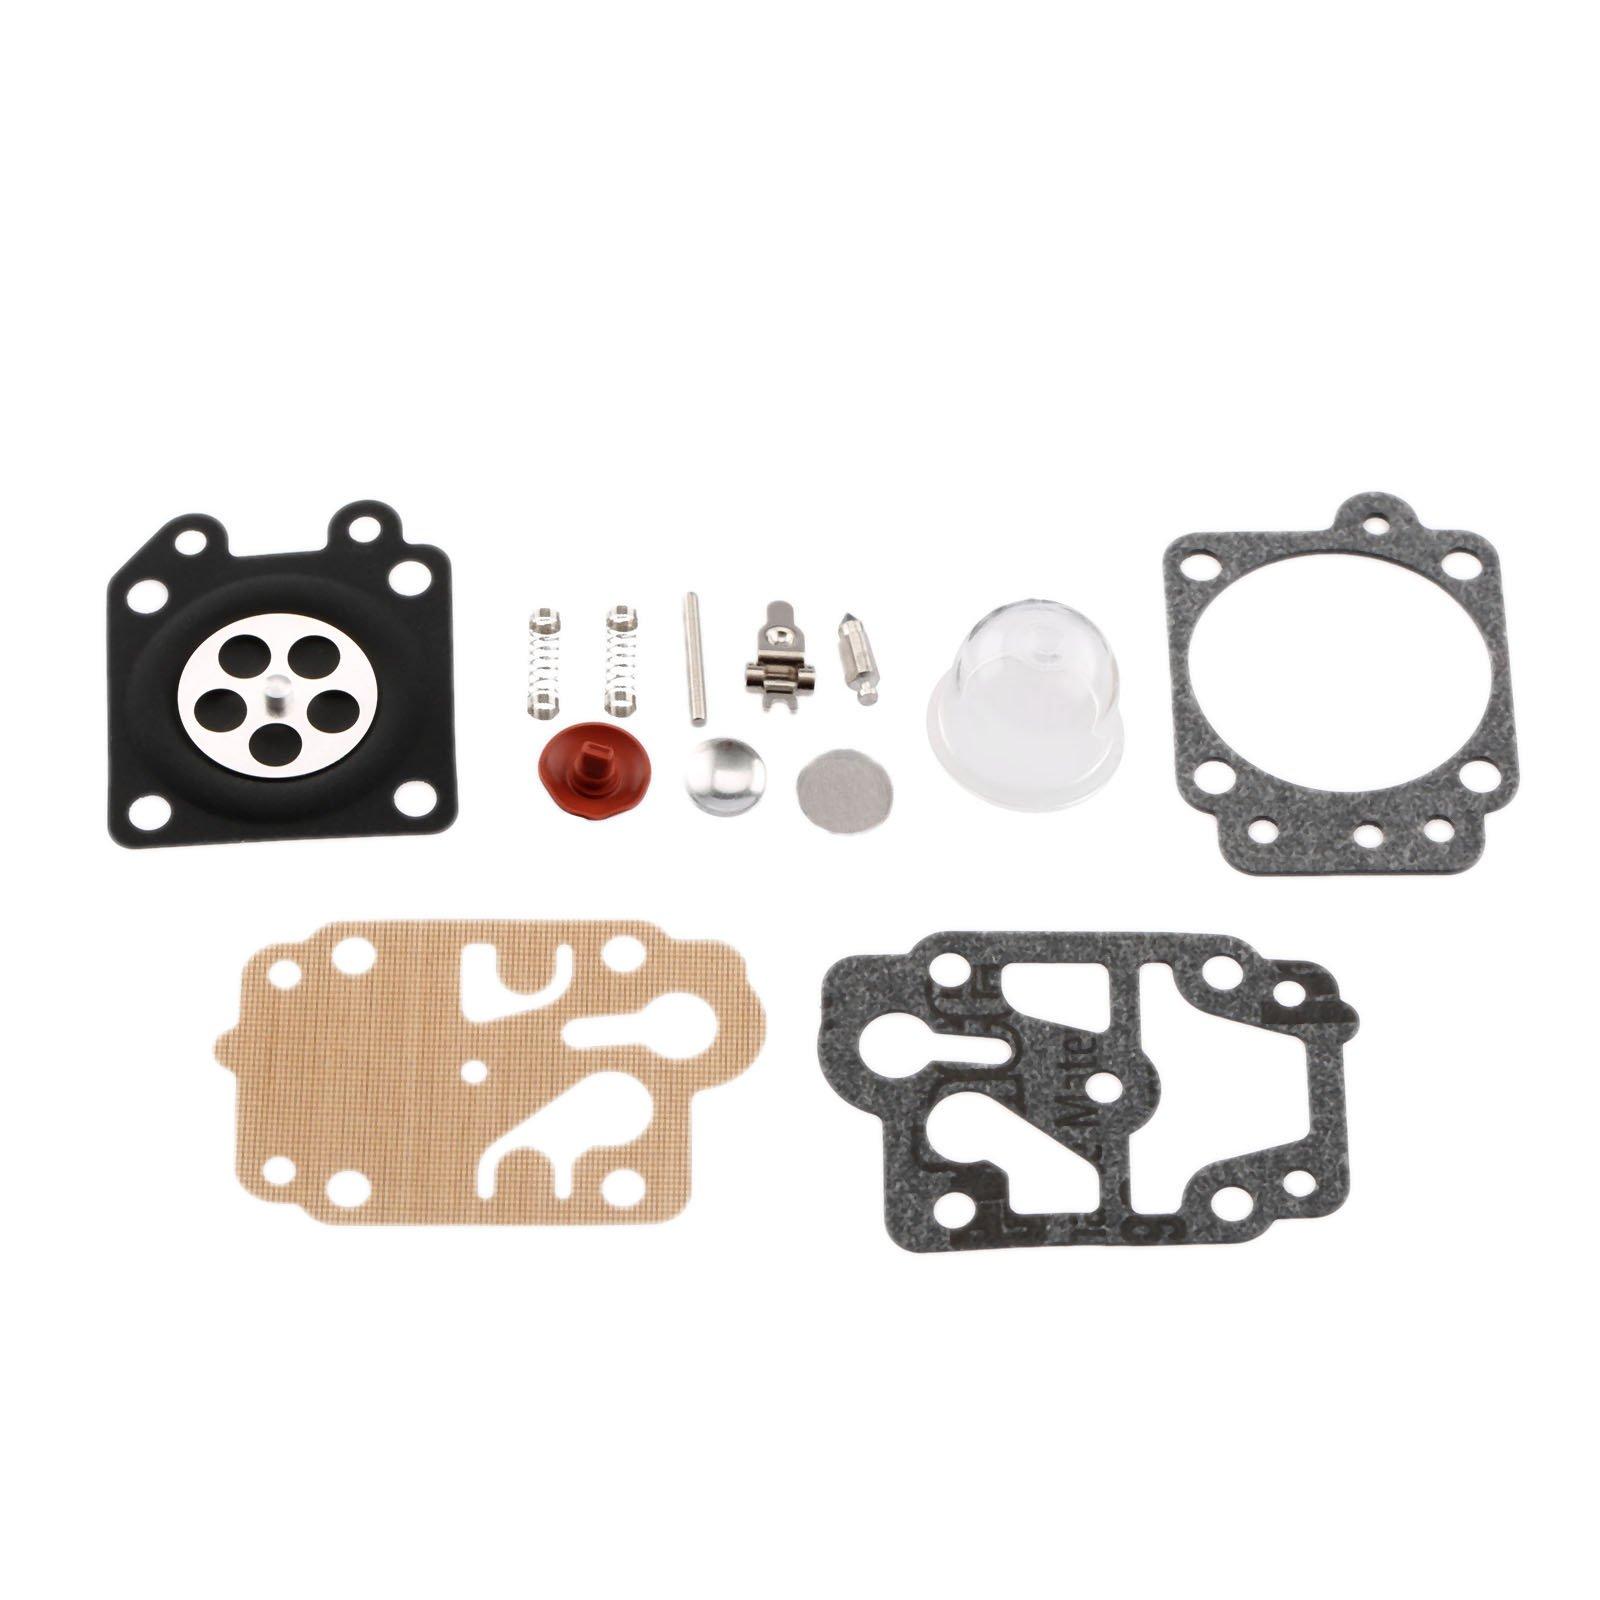 Aupoko 43CC 52CC Brush Cutter Carburetor Gasket Kit and Primer Bulb 40-5/44F-5 34F 36F 139F Grass Trimmer Carburetor Repair Gasket Kit